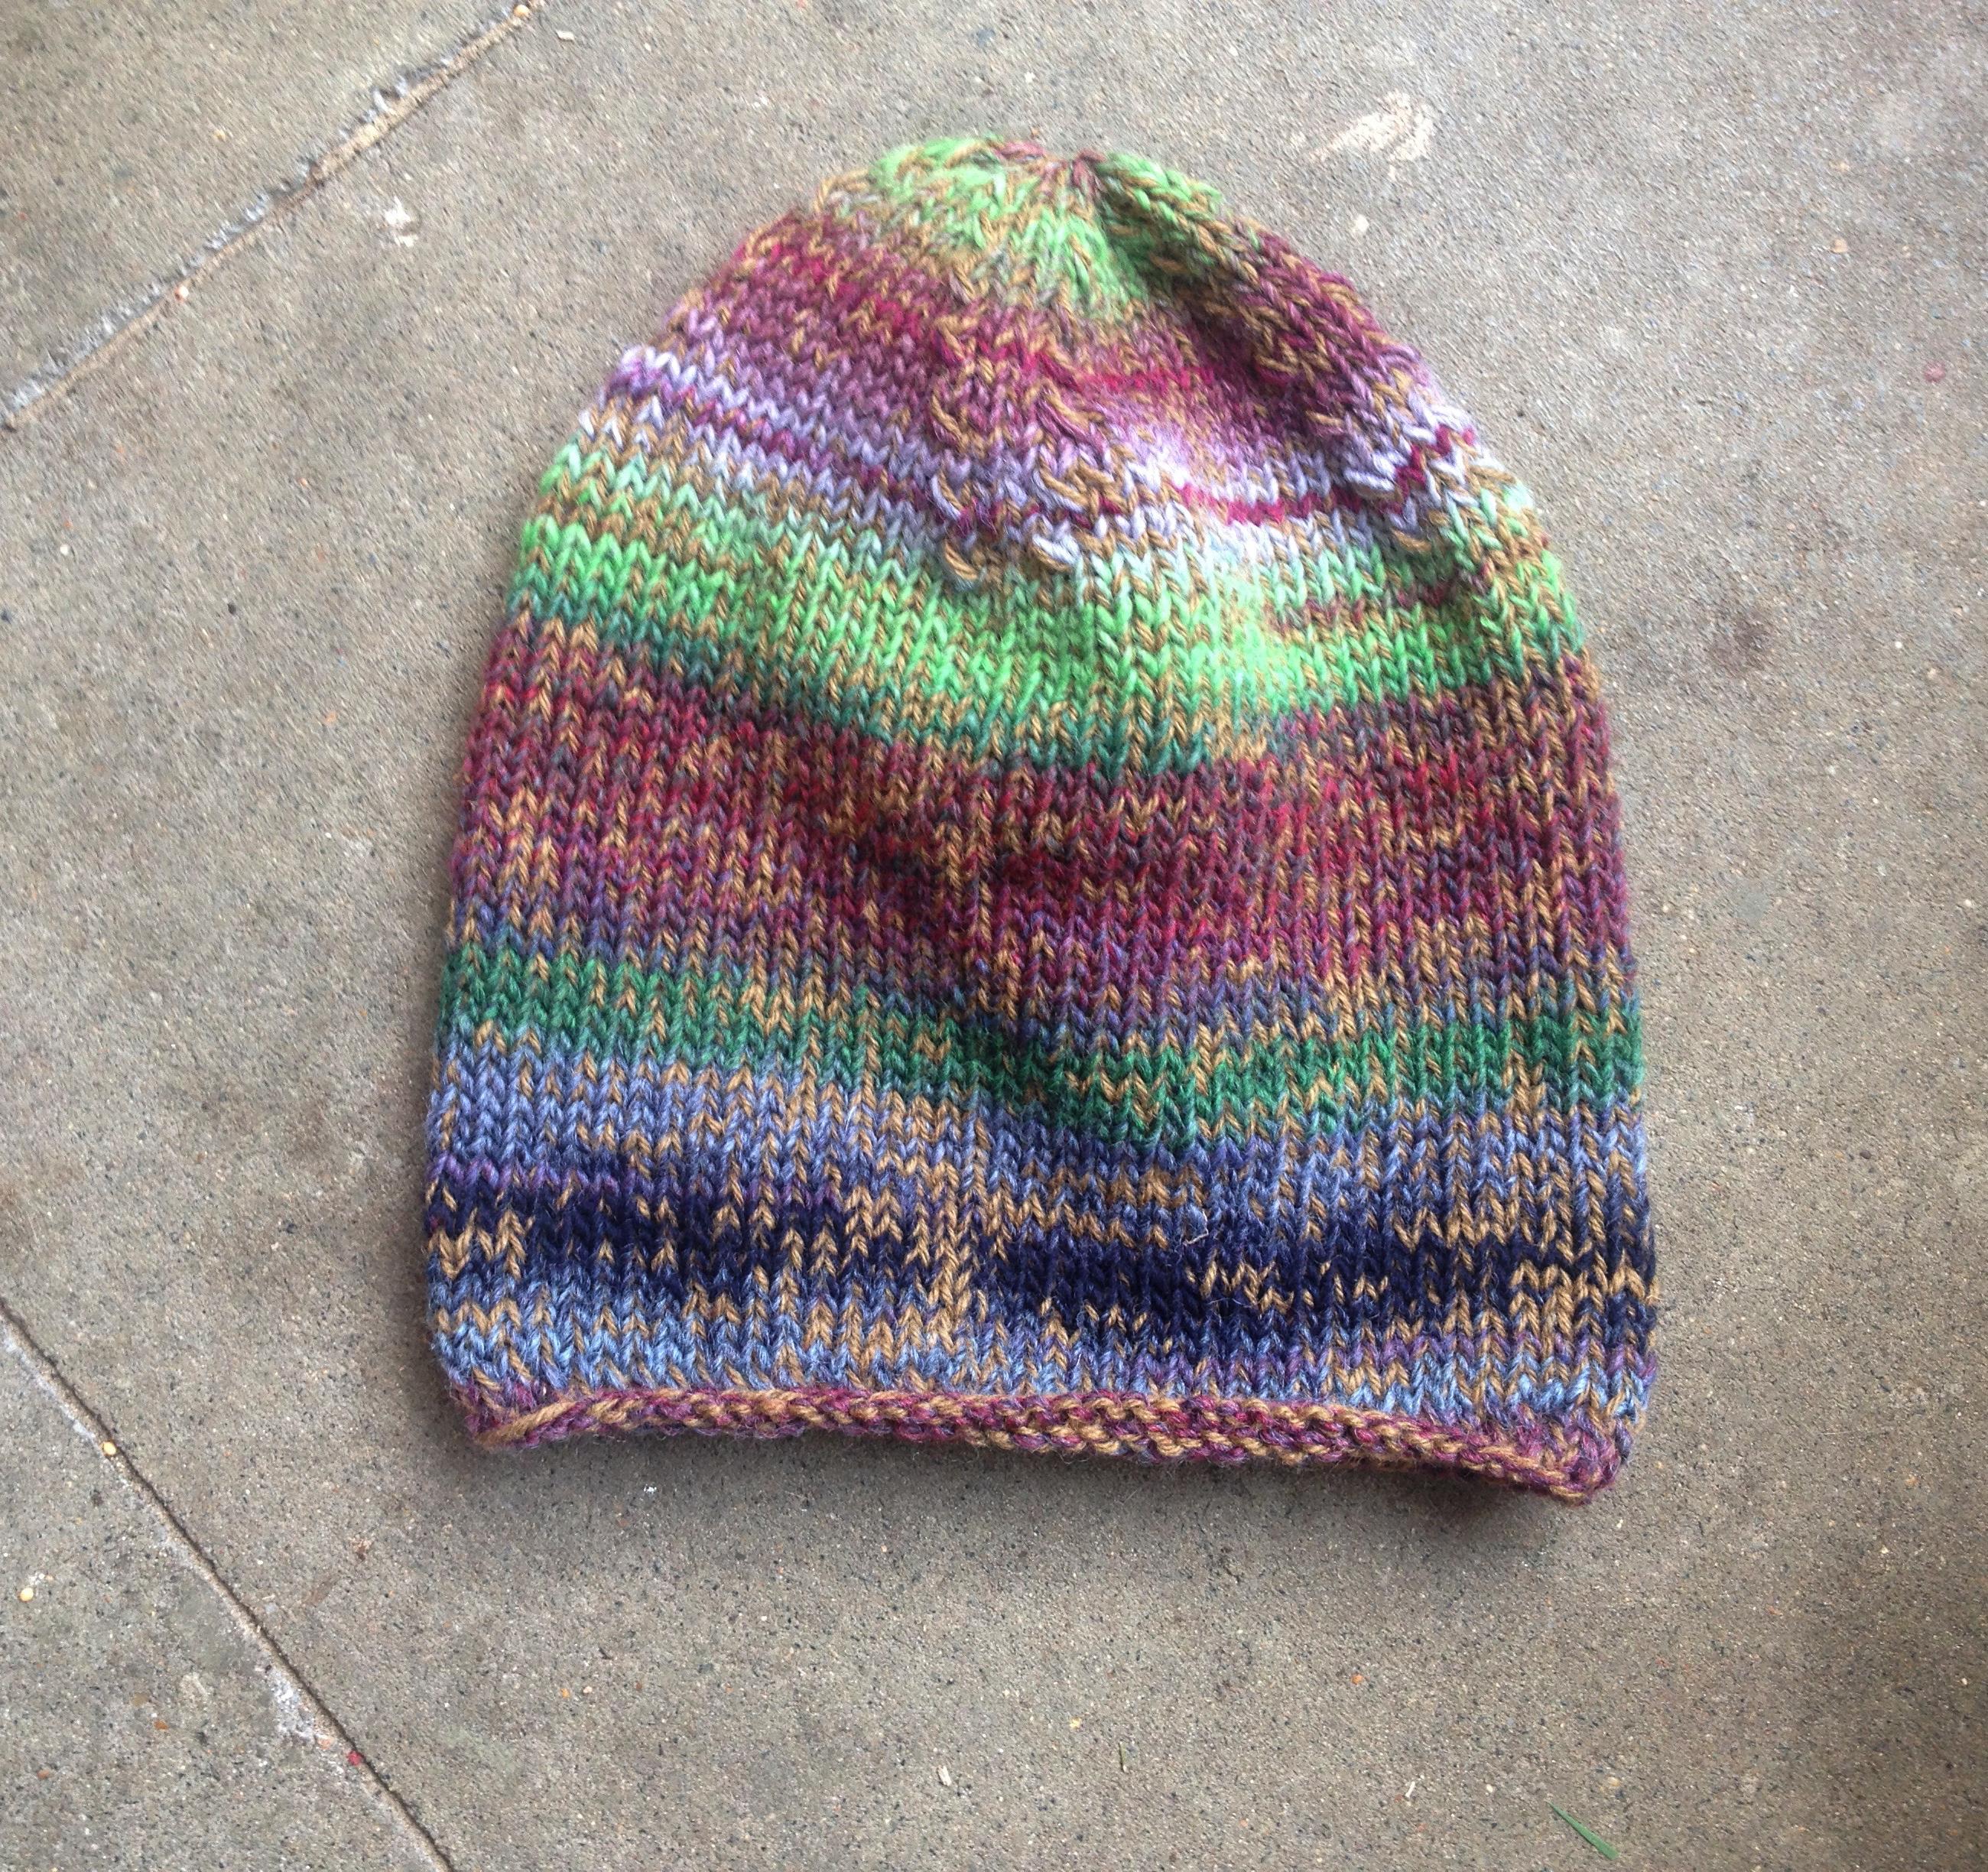 Natur Herbst Winter Schurwolle Mütze Fair Öko Wollmütze Rainbow Multicolor Hippie Gipsy_2